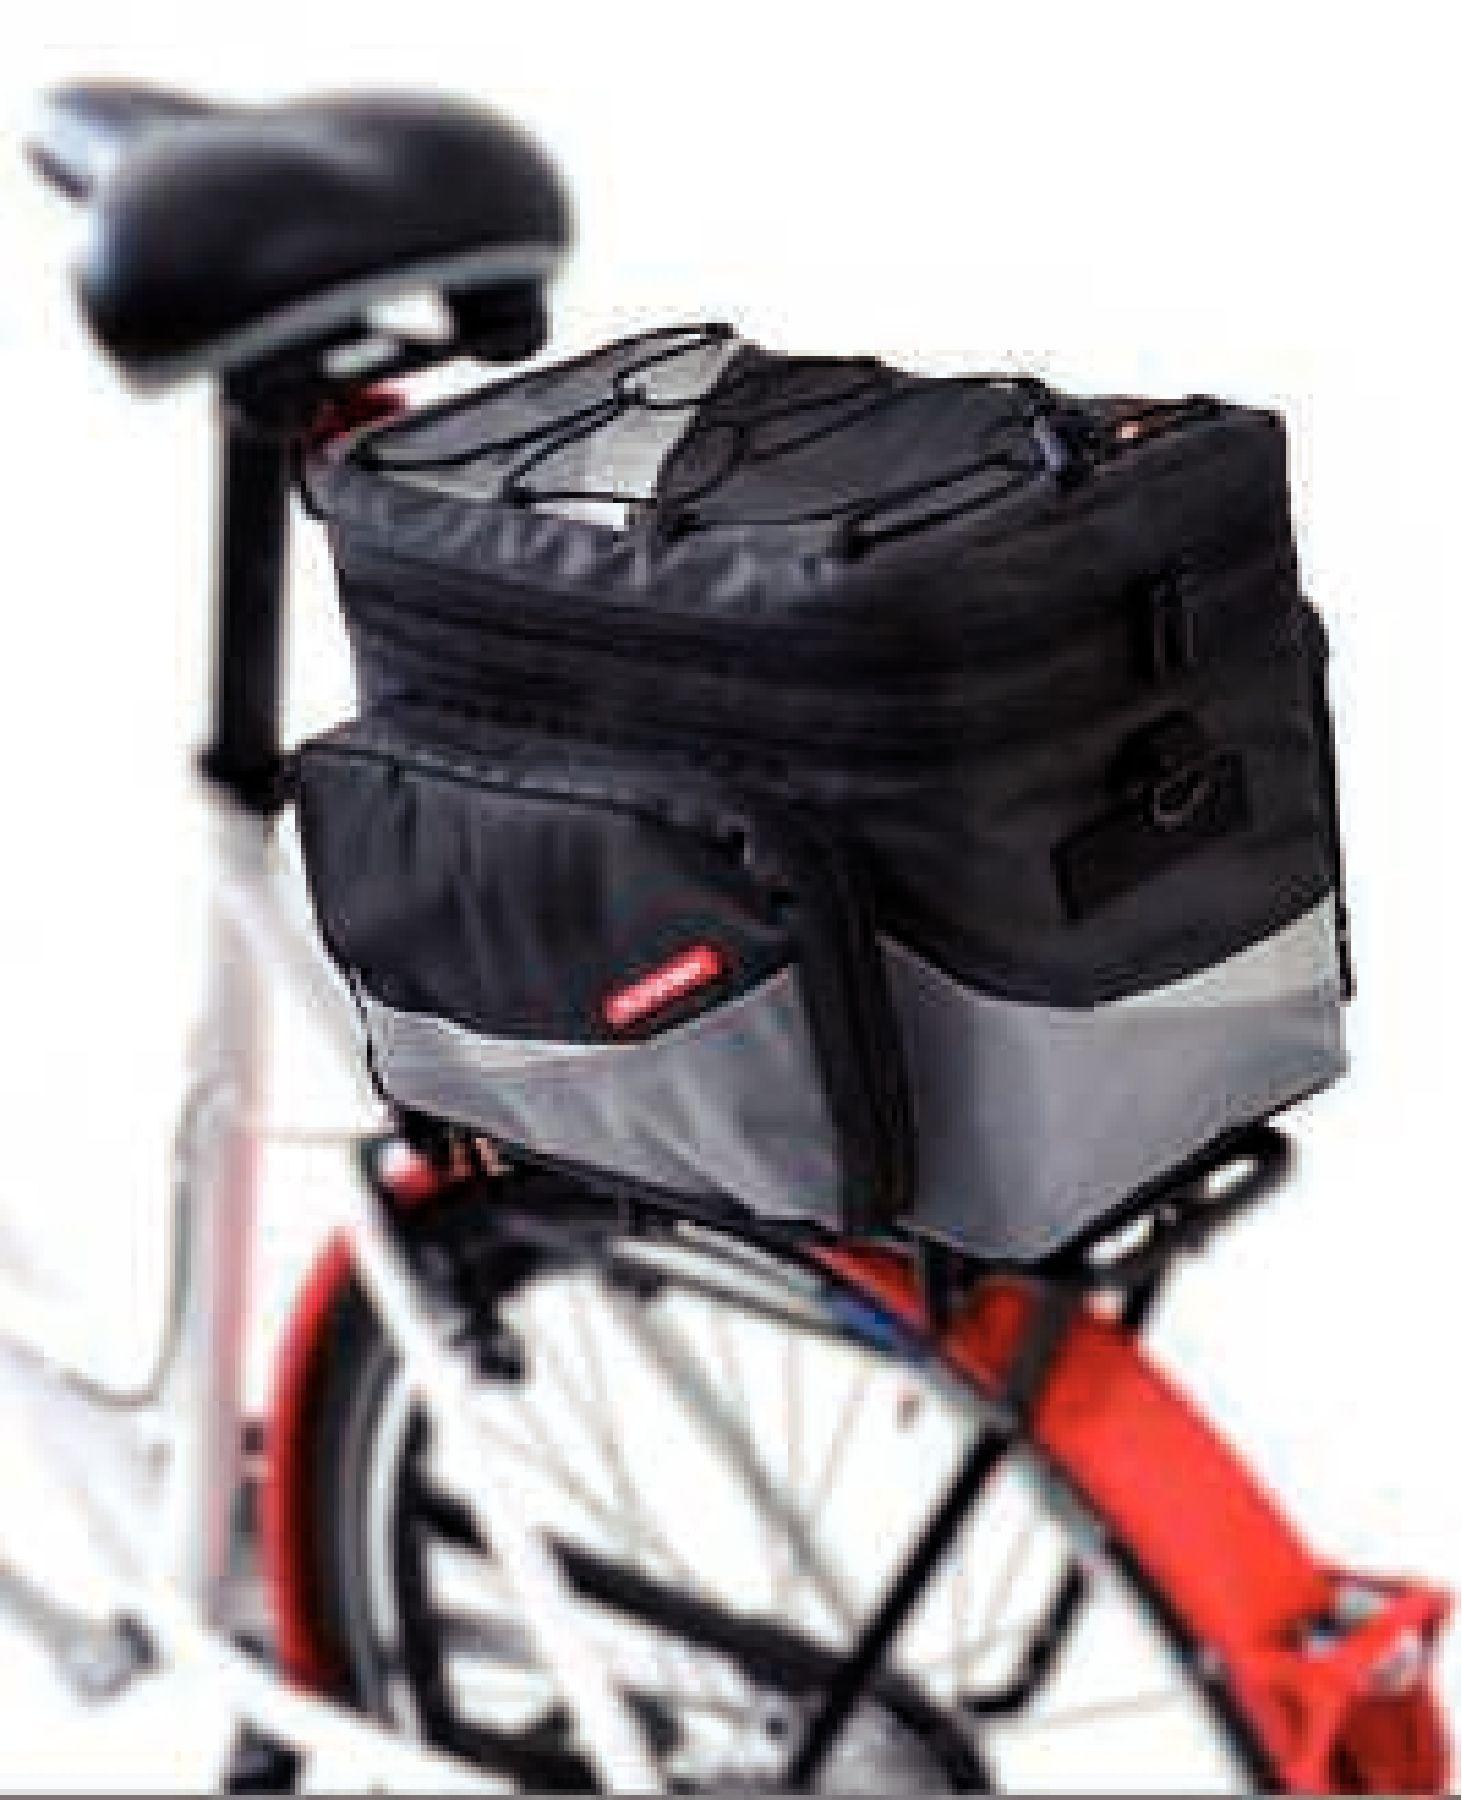 Pletscher Basilea Gepäckträgertasche 24 Liter, für easy fix-System